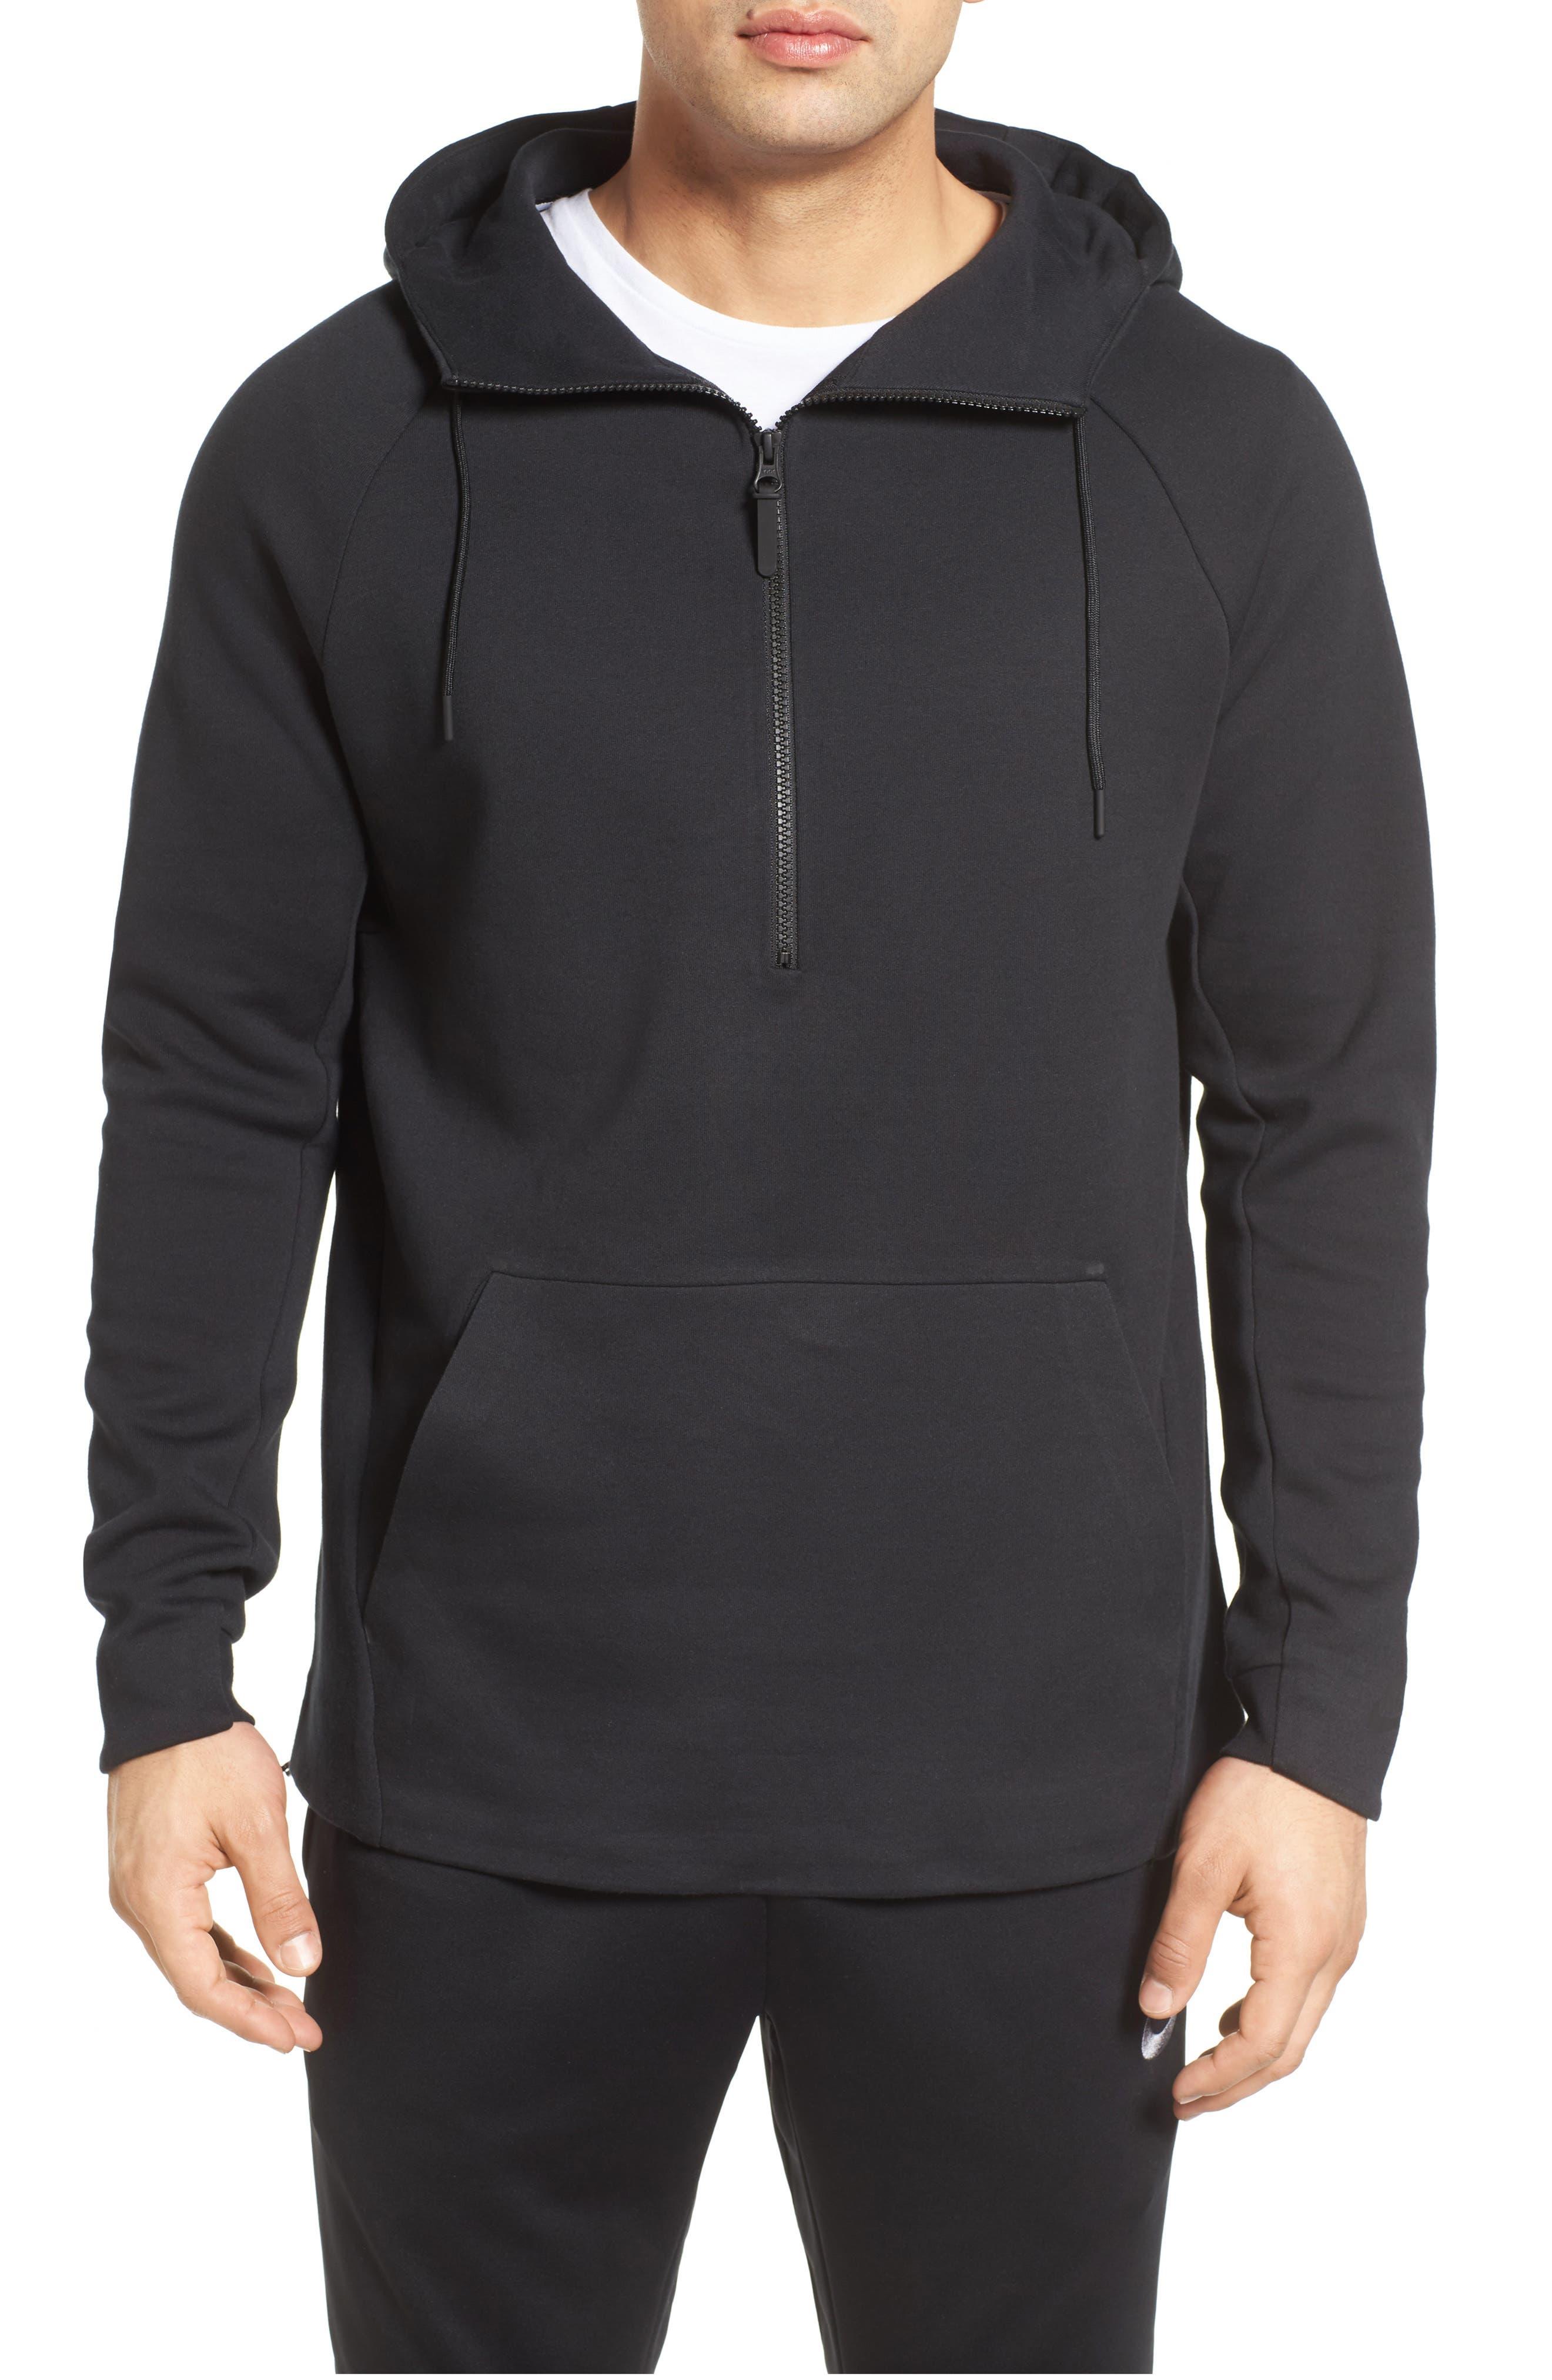 Half-Zip Pullover Hoodie,                         Main,                         color, Black/ Black/ Black